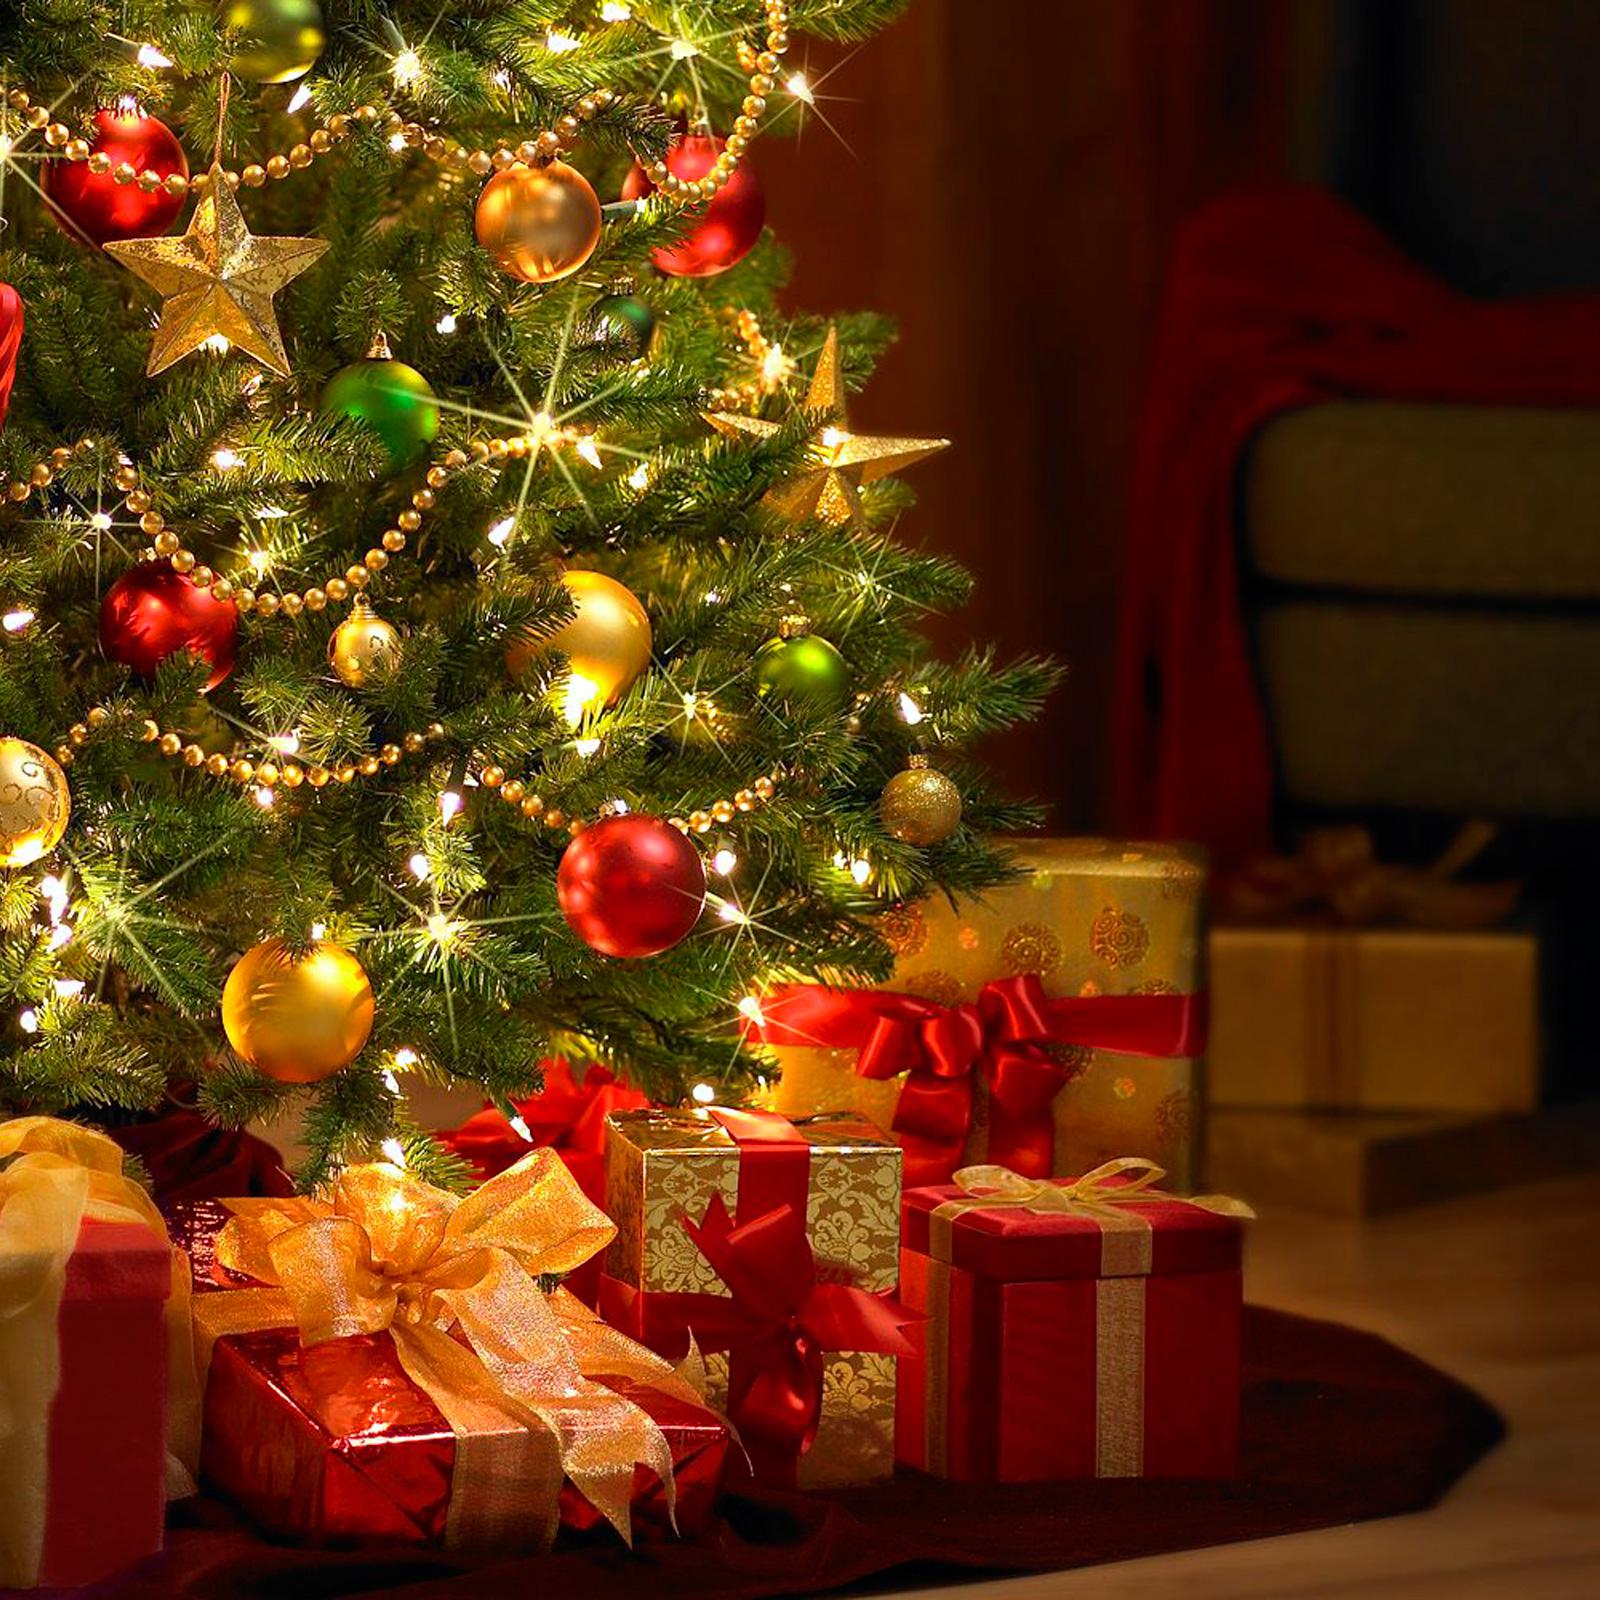 Картинки новогодней ёлки с подарками под ней